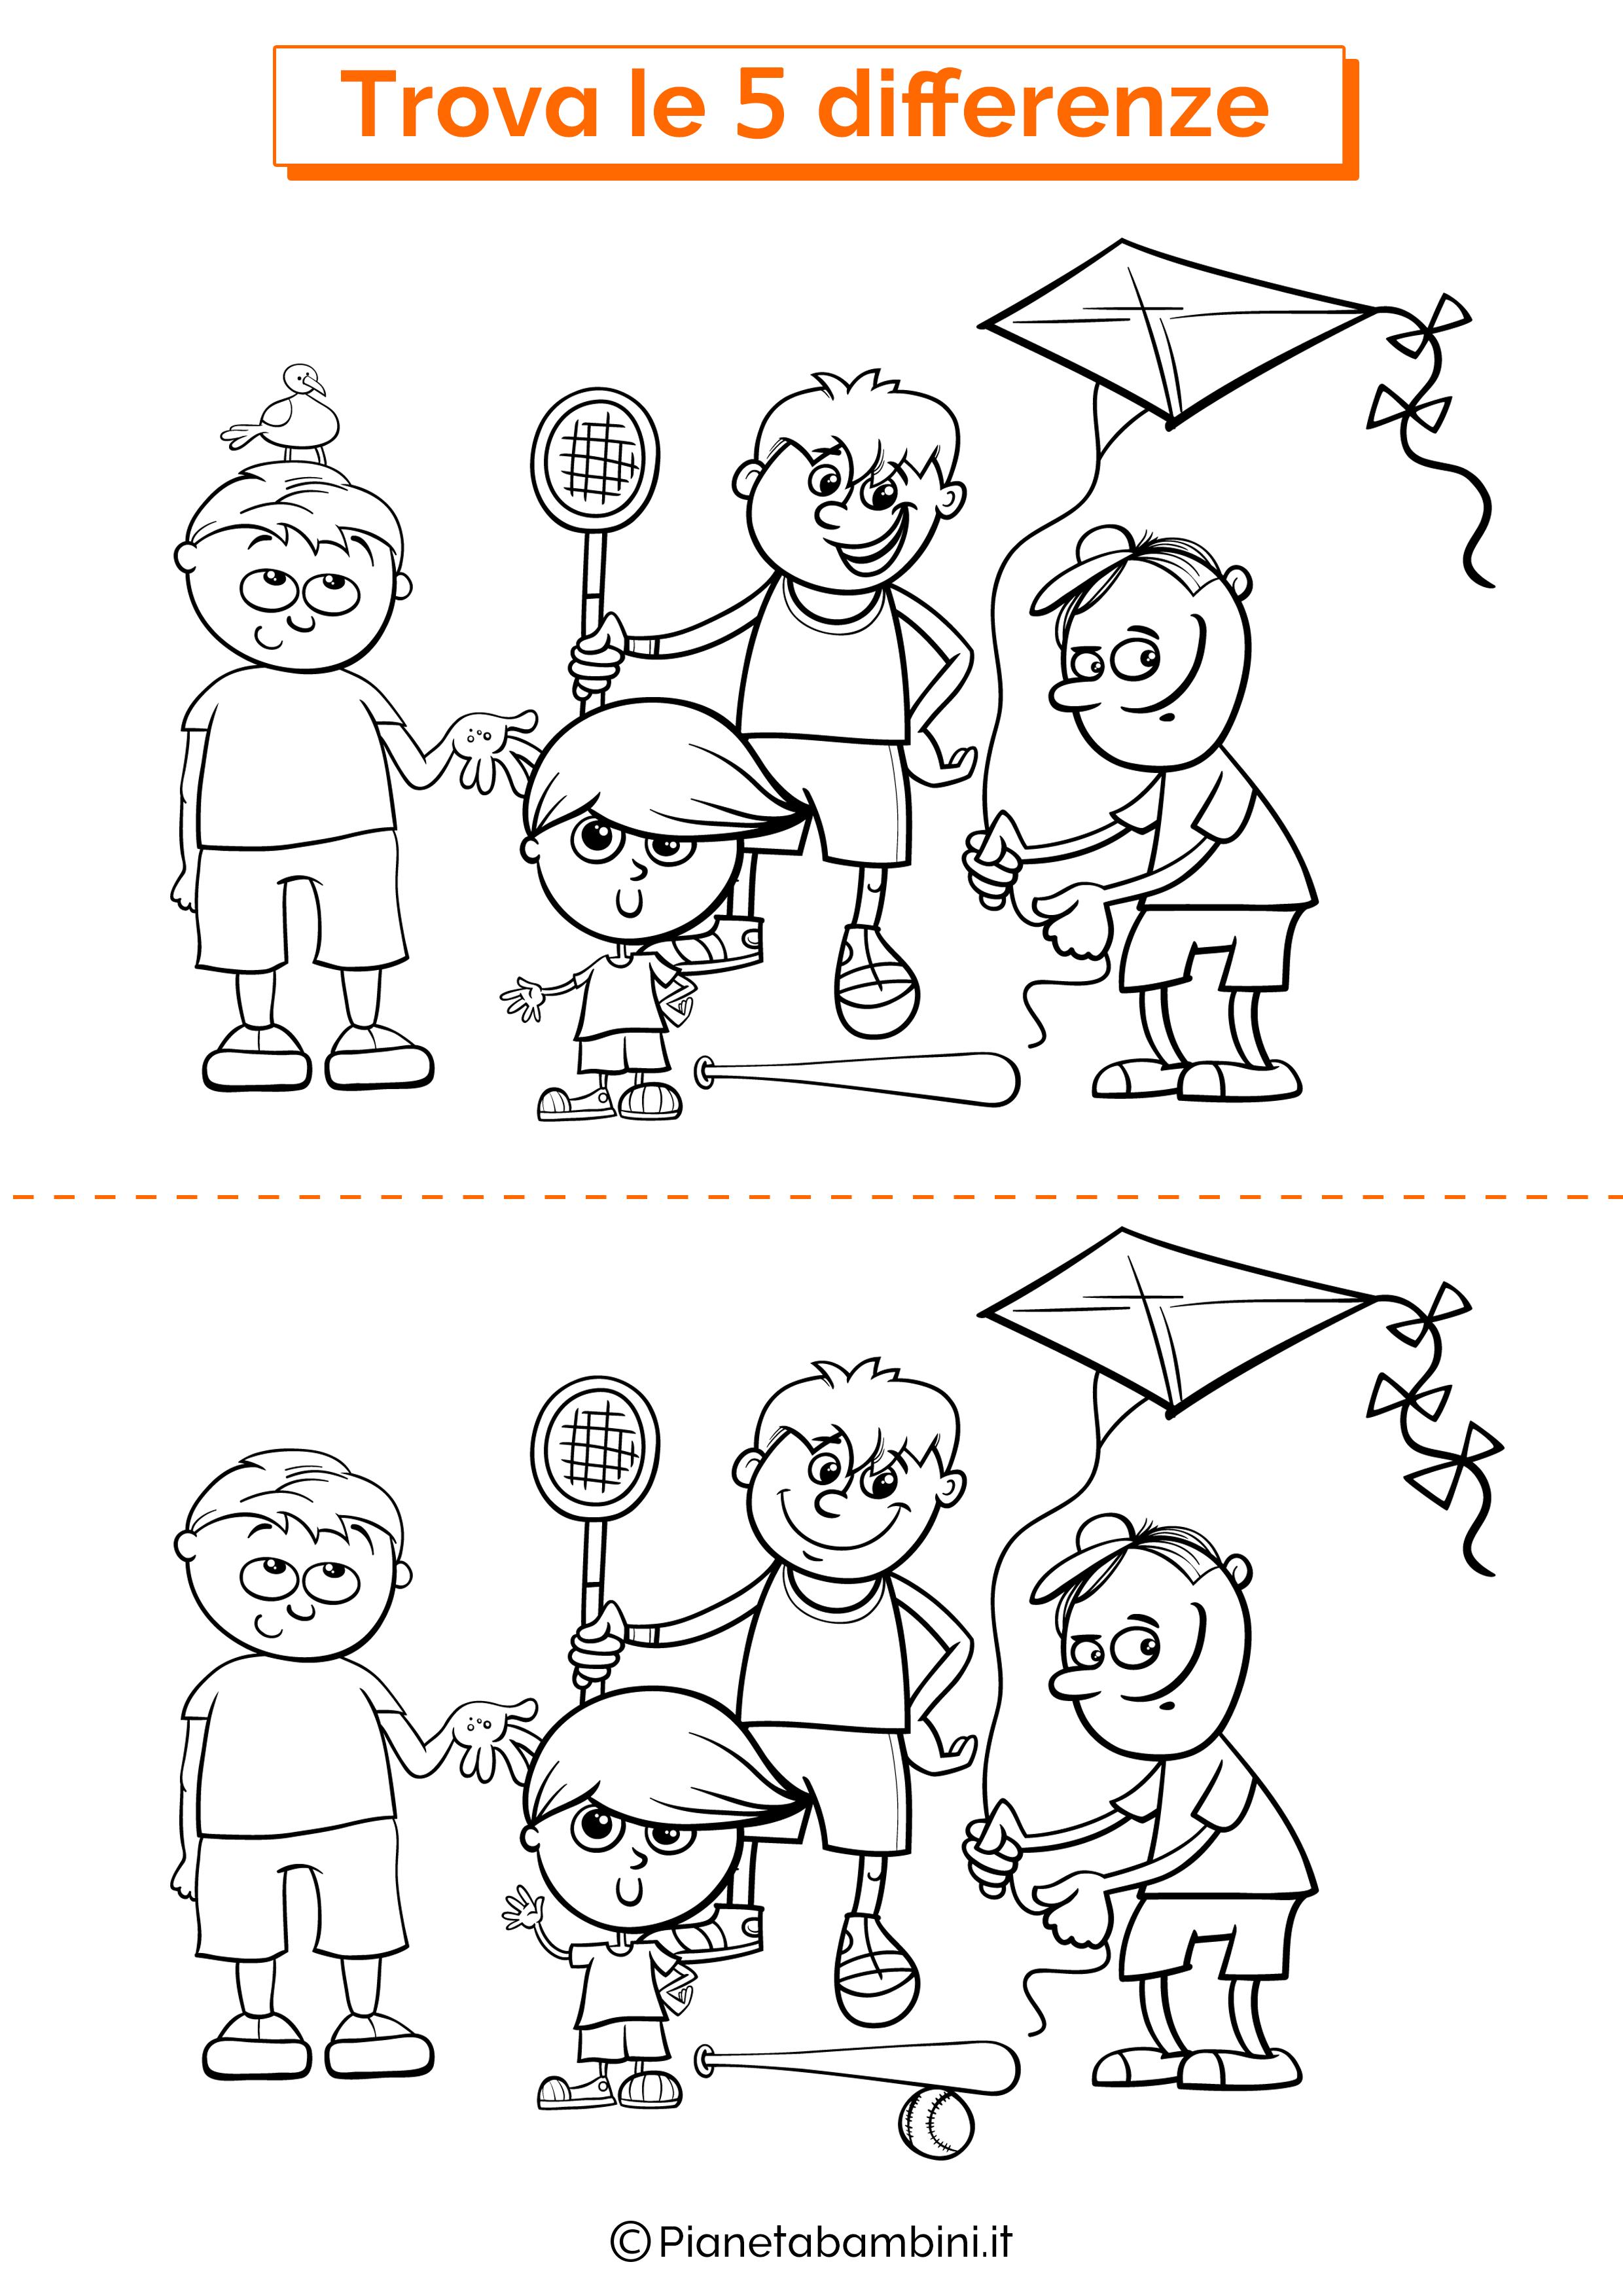 Disegno trova 5 differenze bambini